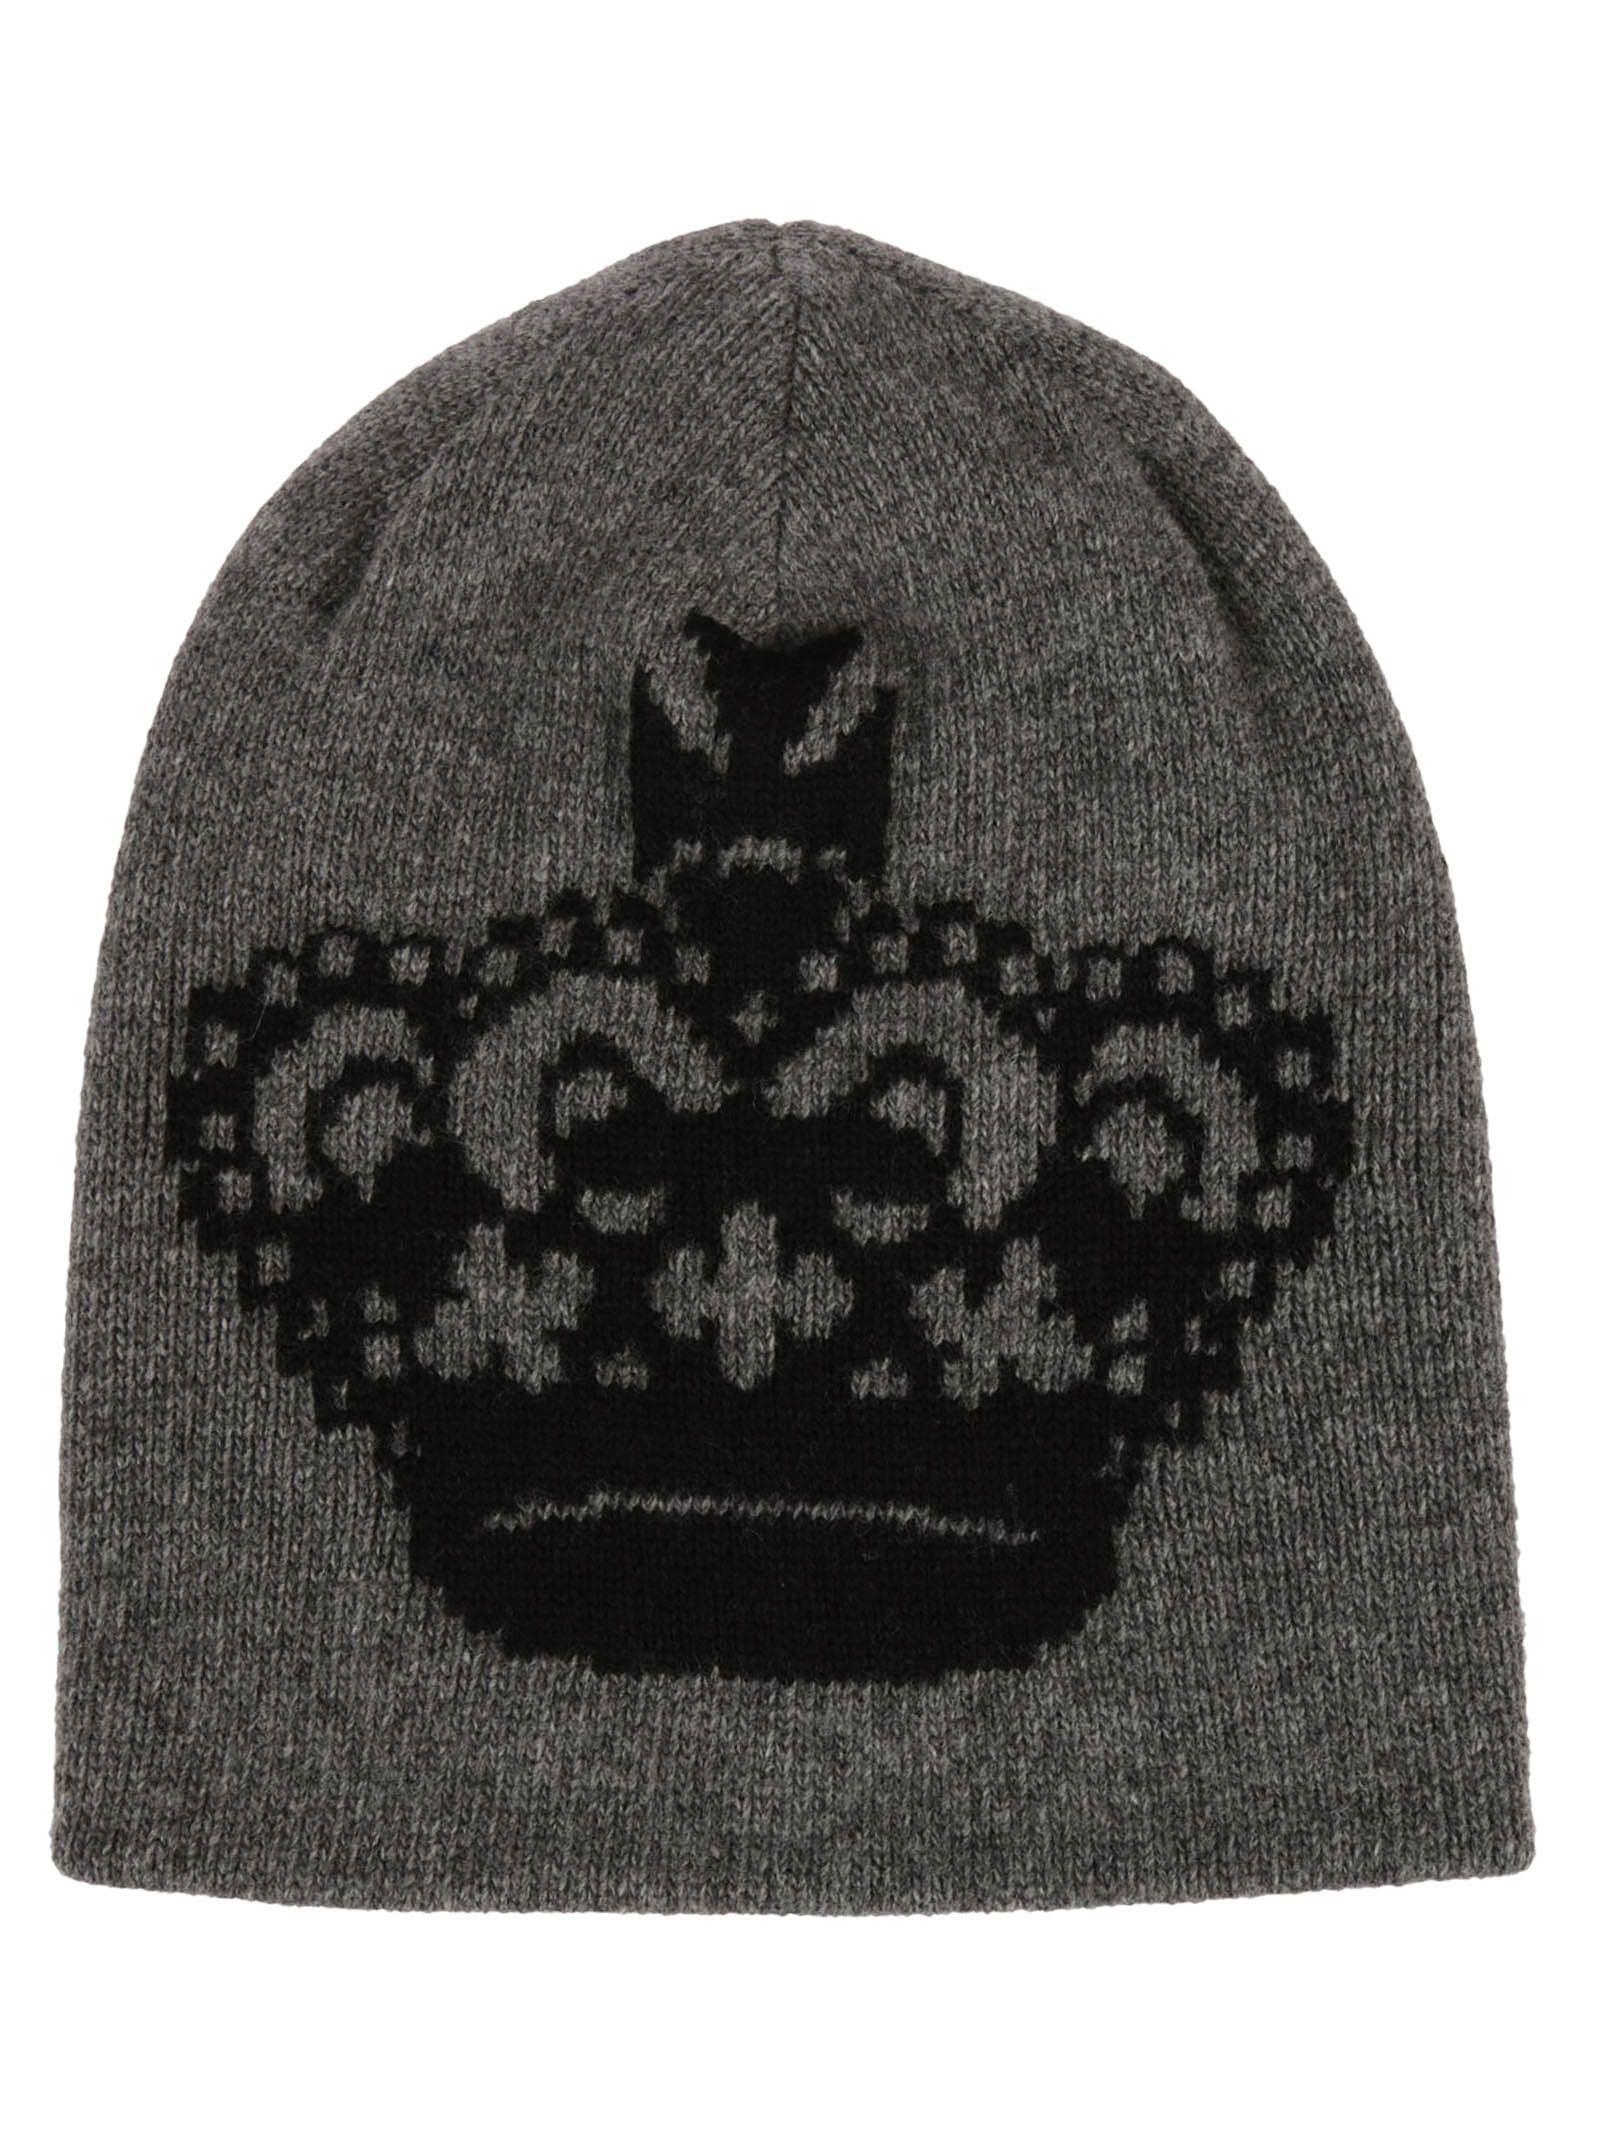 Dolce & Gabbana Crown Beanie Hat